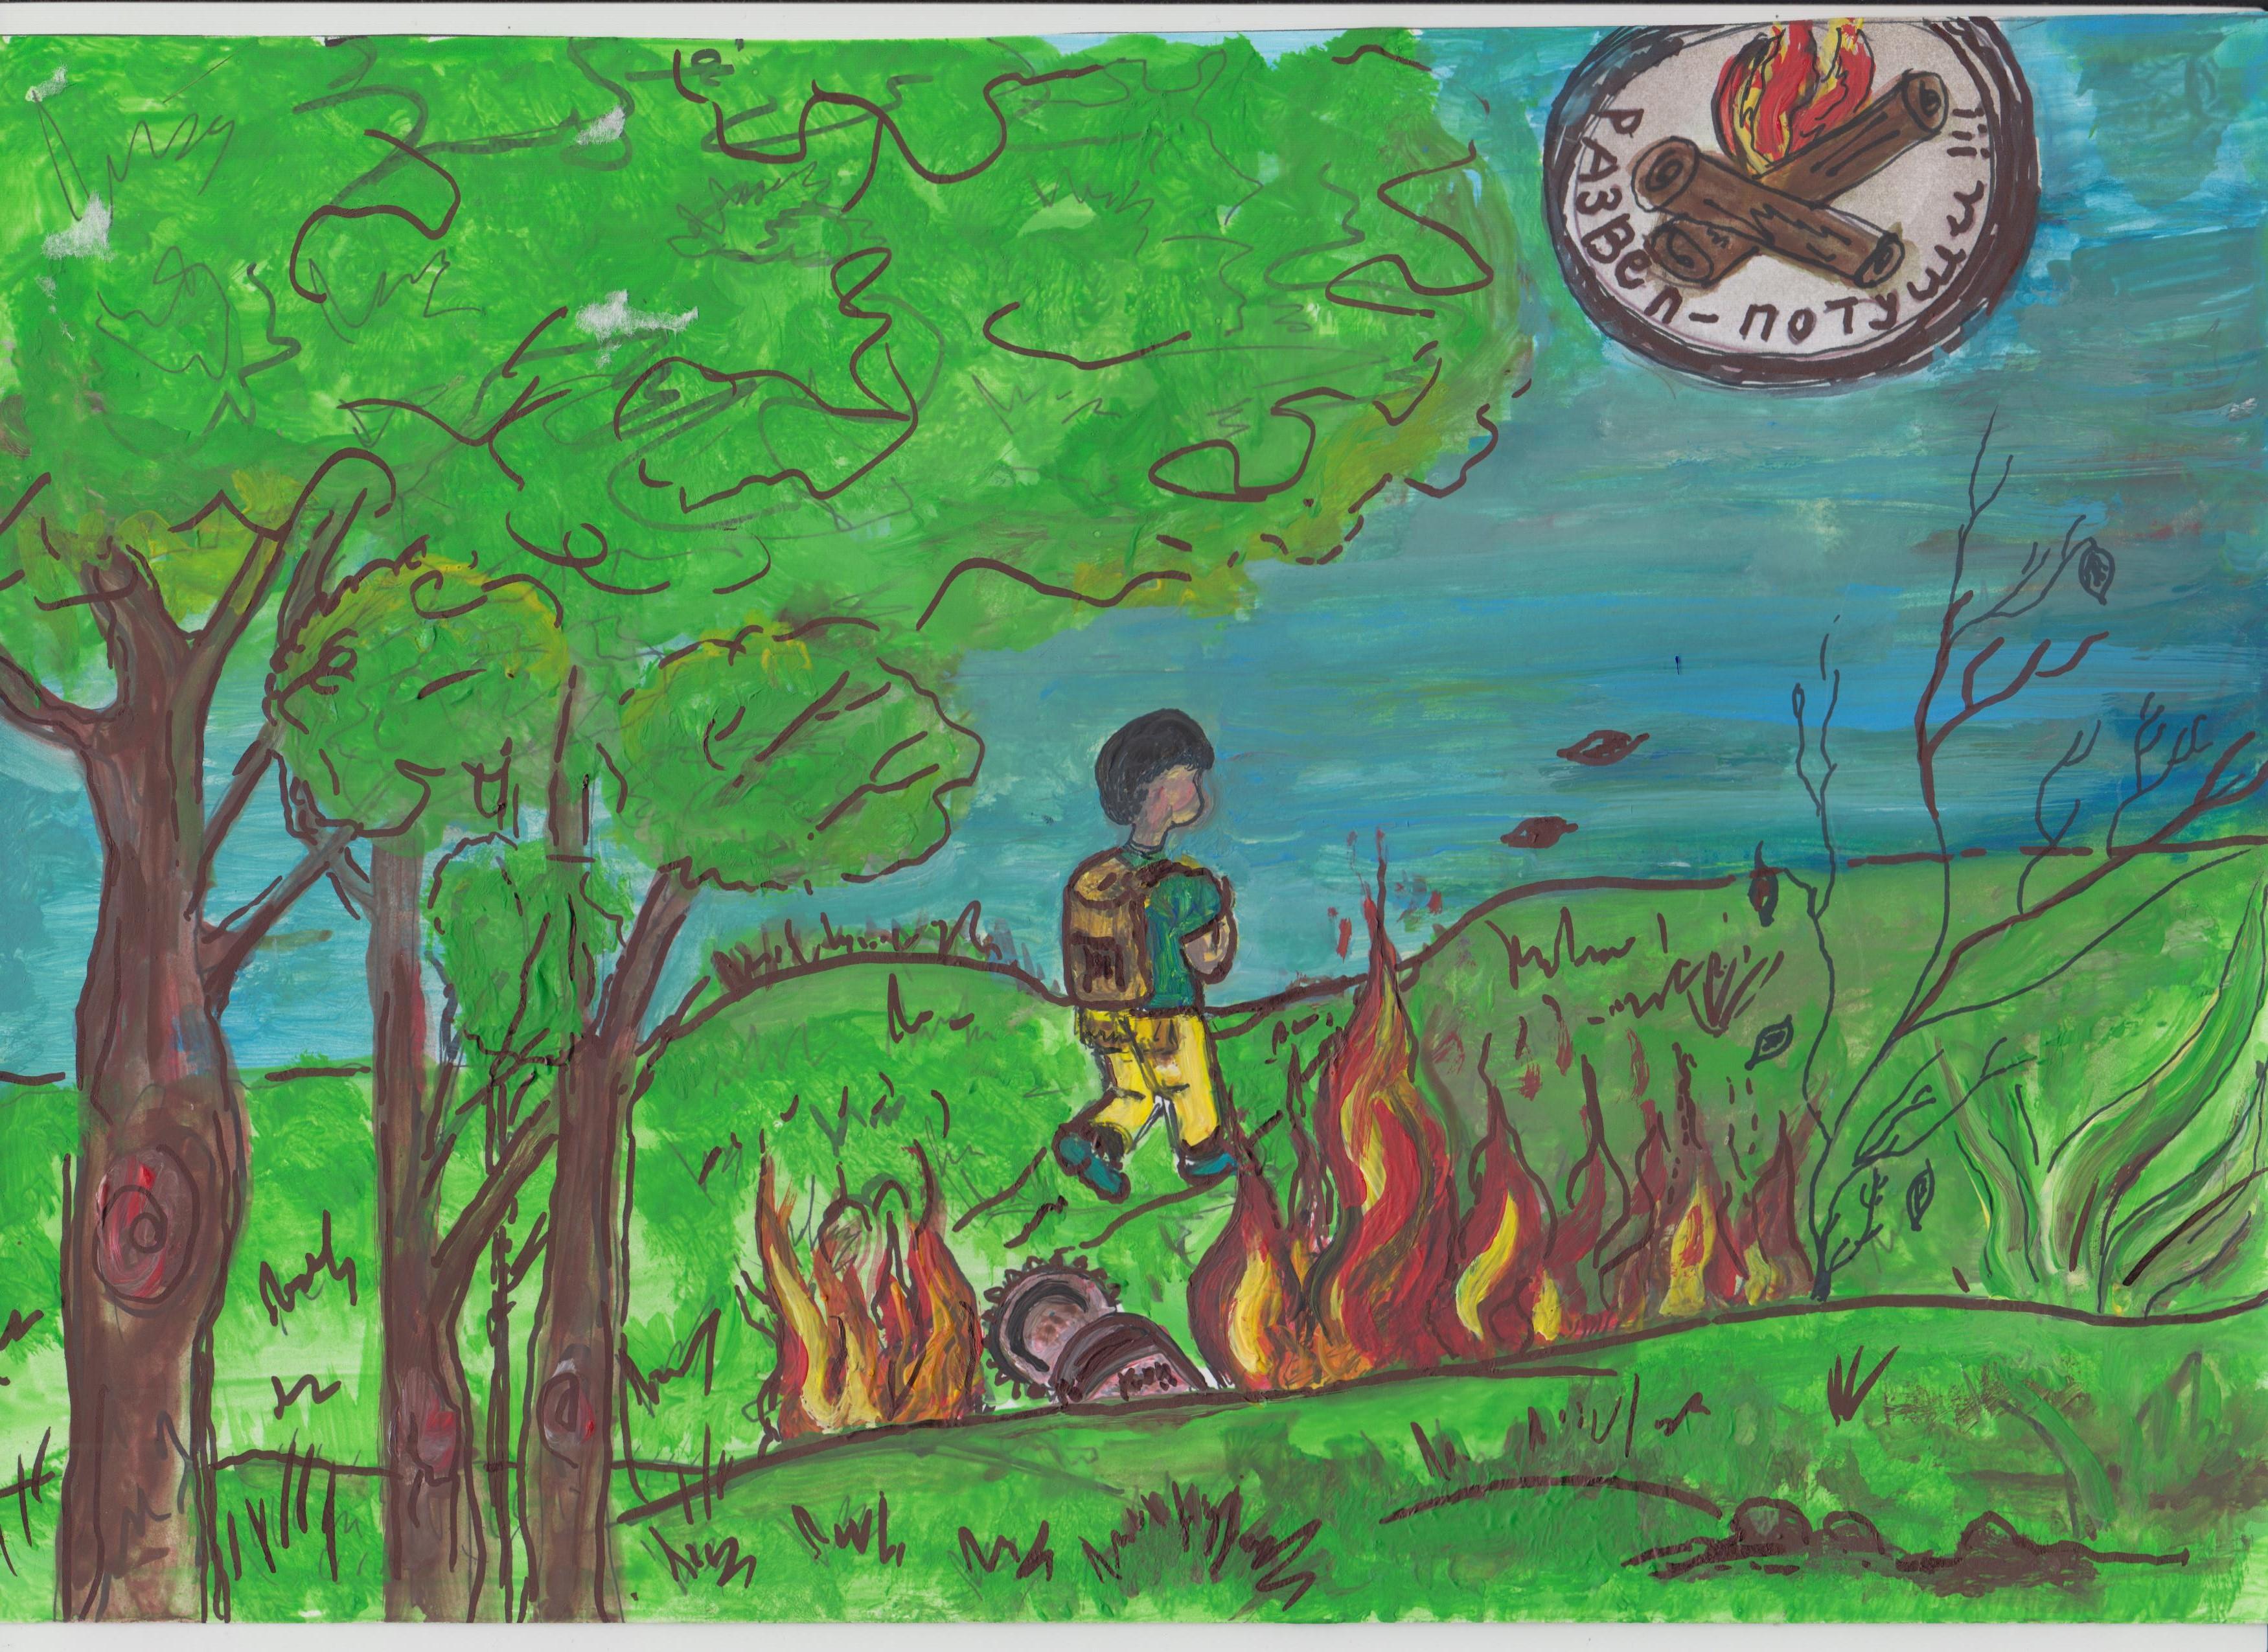 Конкурс эскизов этикеток для оформления спичечных коробков  «Злой огонь!»